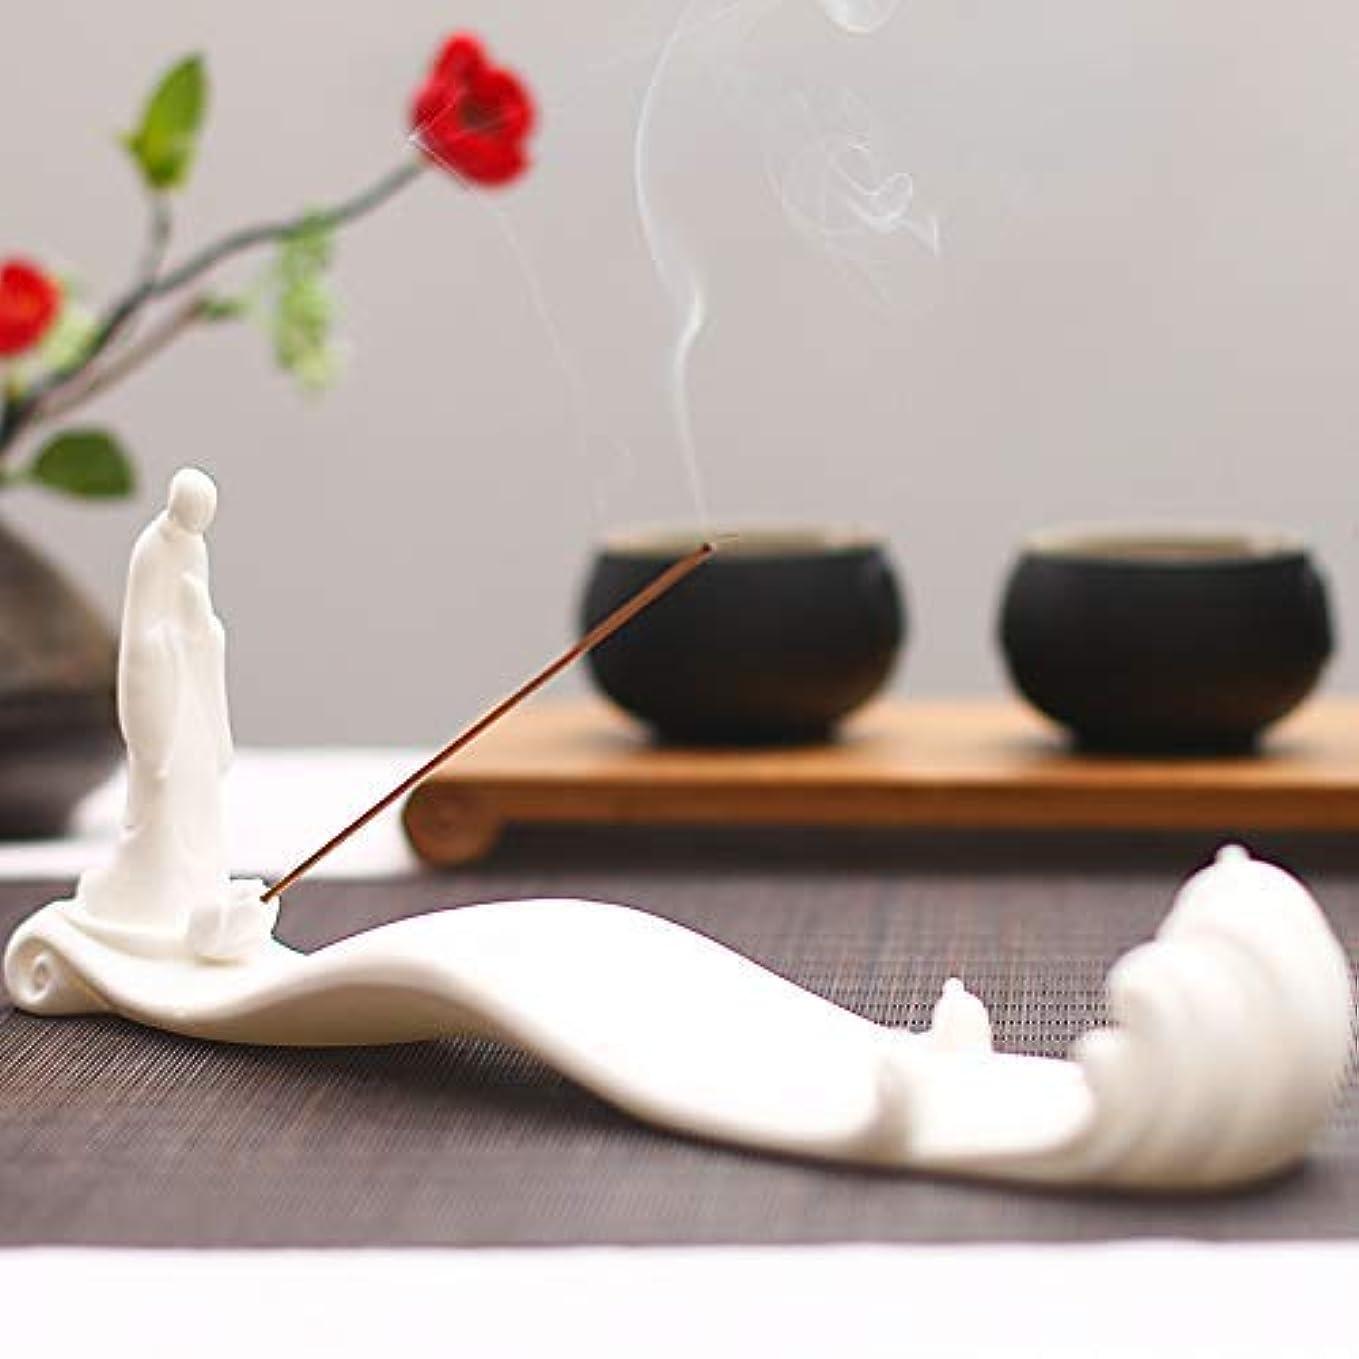 限界時間厳守明確なPHILOGOD 香炉 陶器線香香立て モンク潮を見てモデリング仏壇 お香 ホルダー